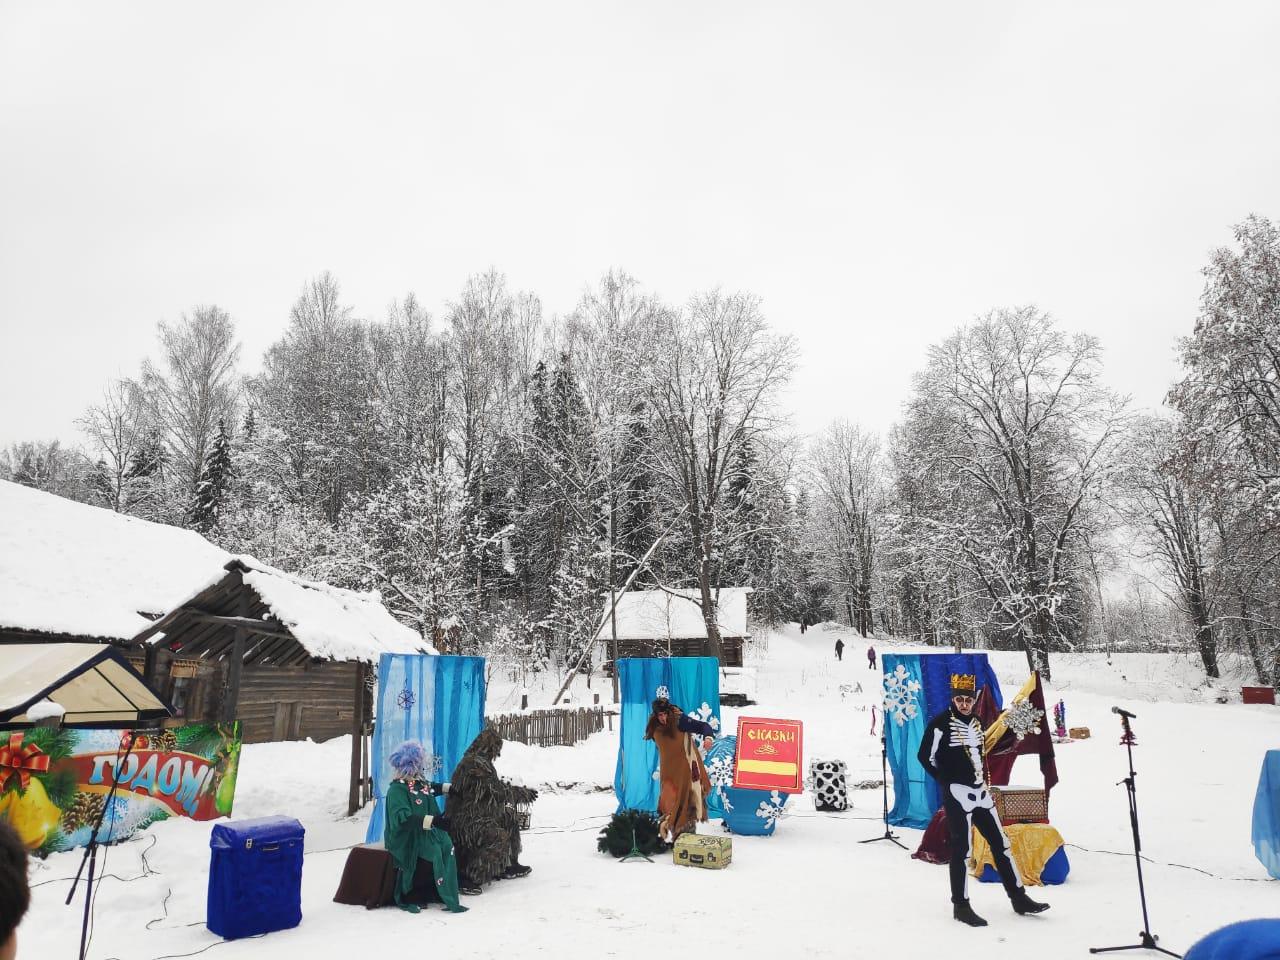 В архитектурно-этнографическом музее «Василёво» в Тверской области прошли зимние гуляния